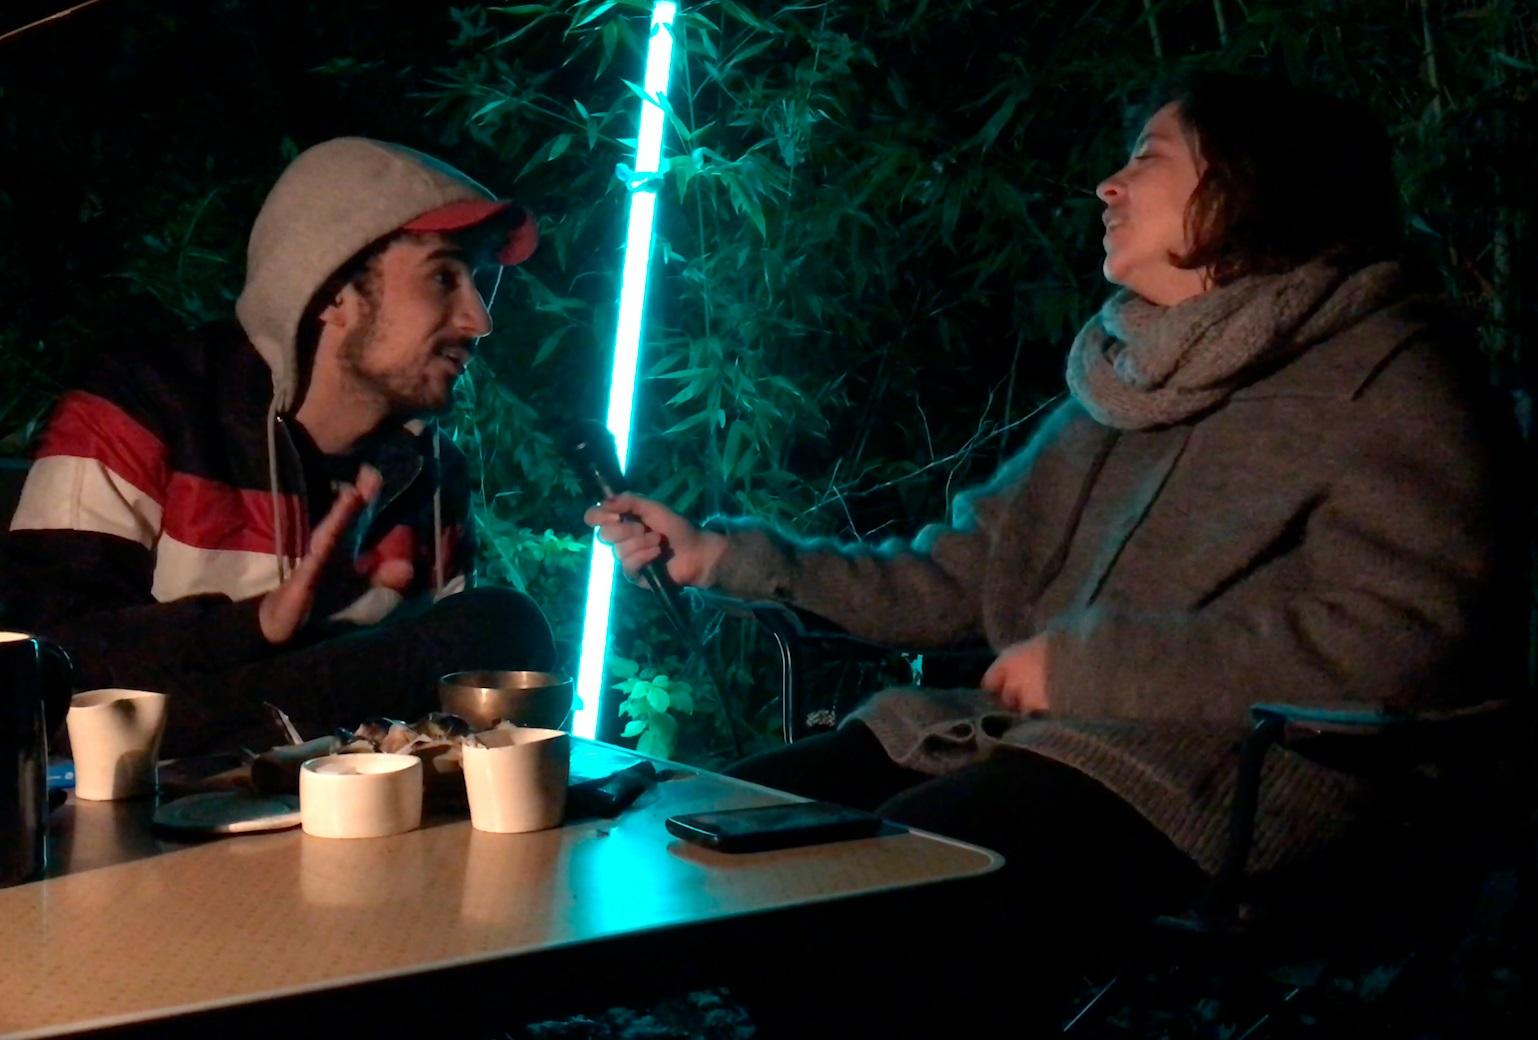 Mathias Menu et Shani Lemyre se mettent en scène pour les vidéos Salon. ©Bêtes à cornes